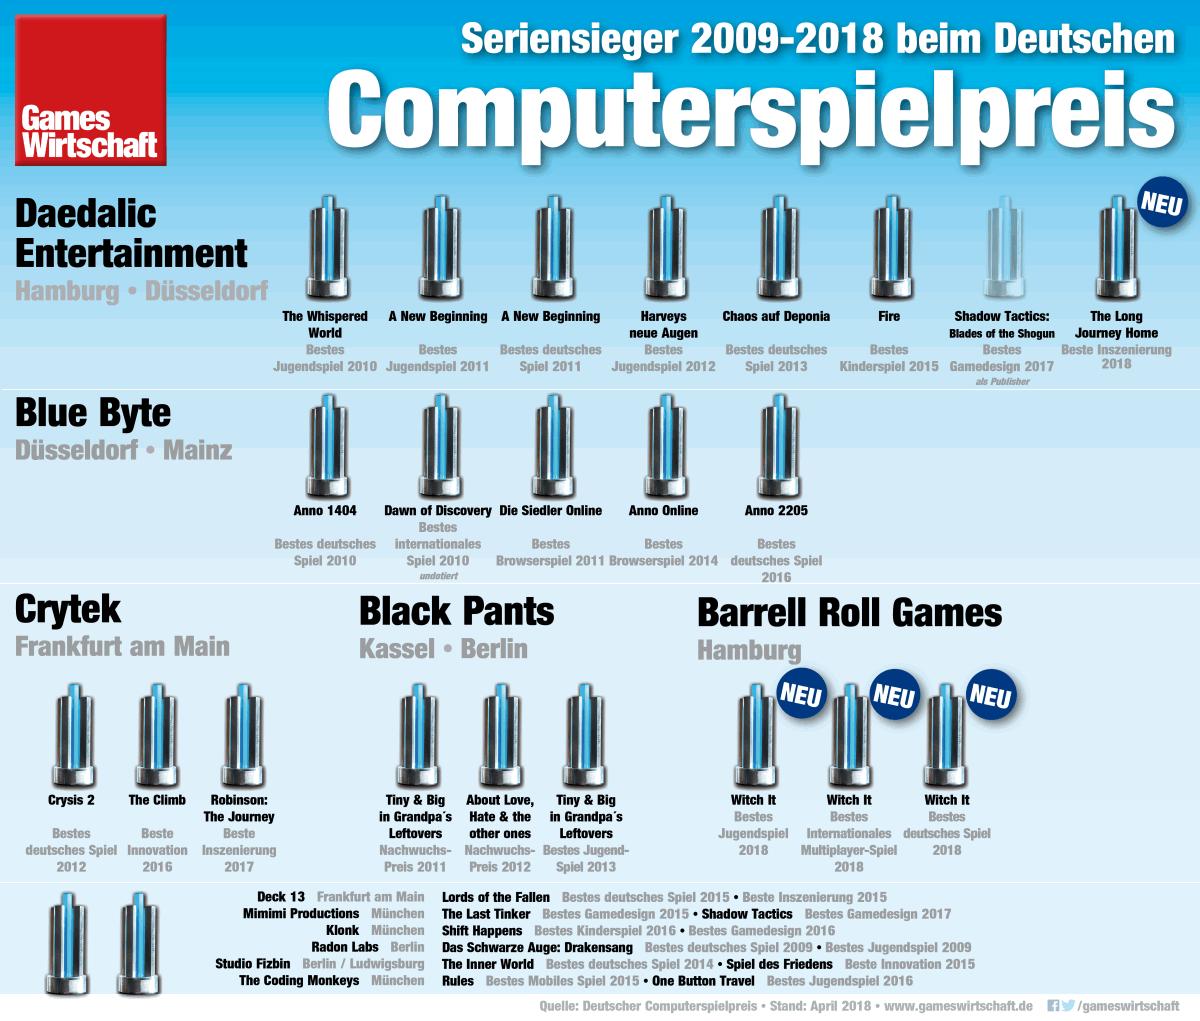 Kein anderes Studio hat den Deutschen Computerspielpreis so oft gewonnen wie Daedalic Entertainment (Stand: April 2018)